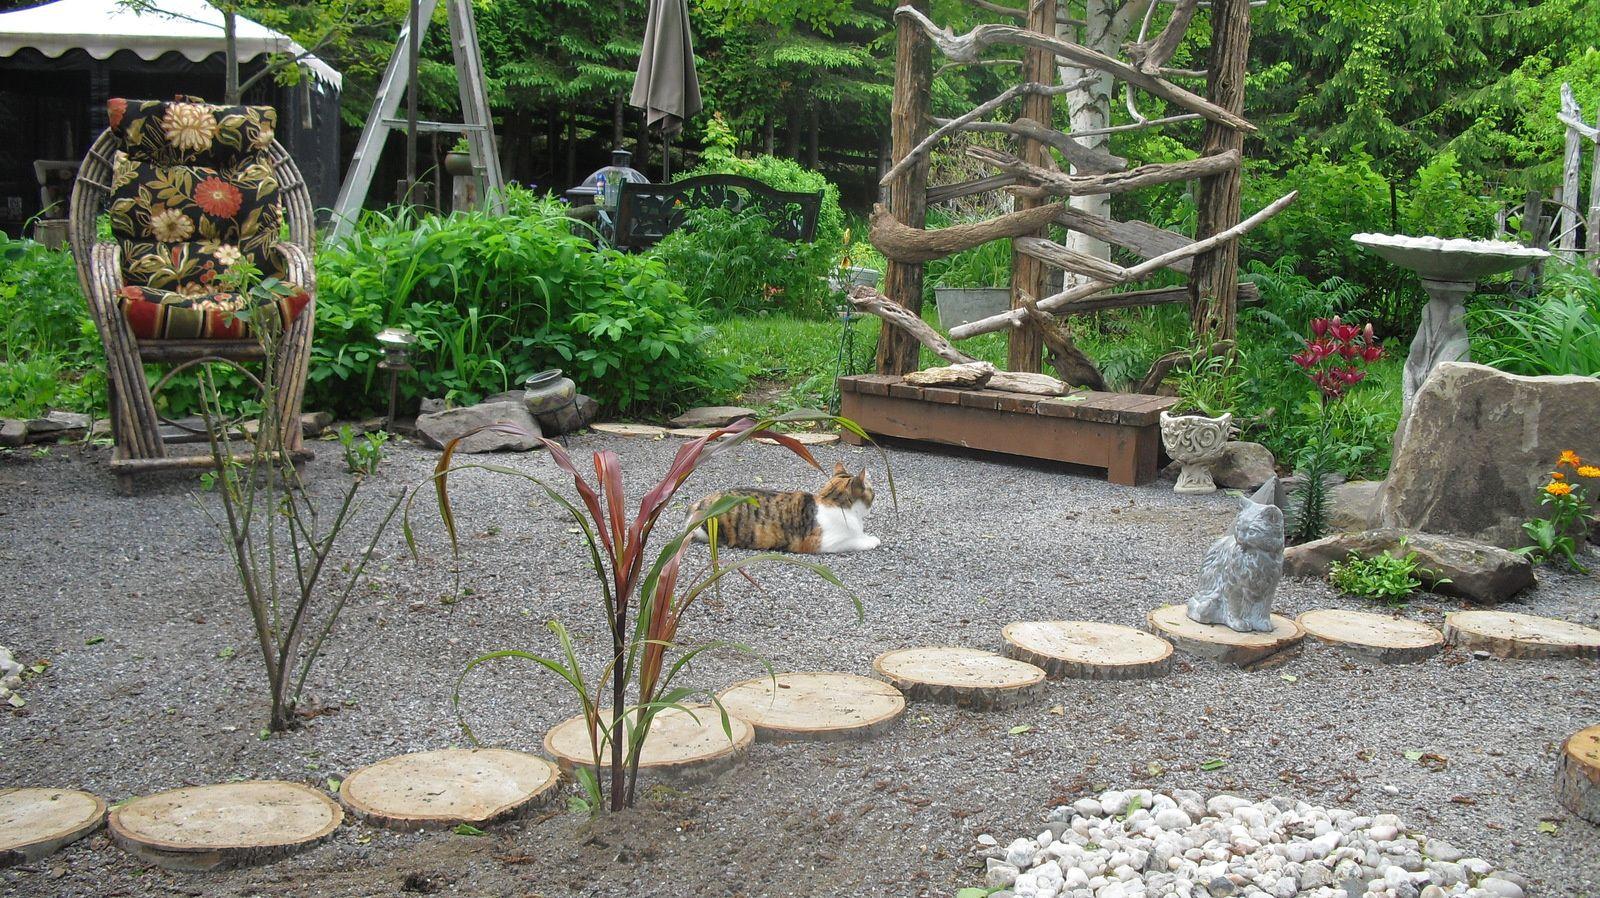 photos de jardin zen rouffignac de sigoules 24240